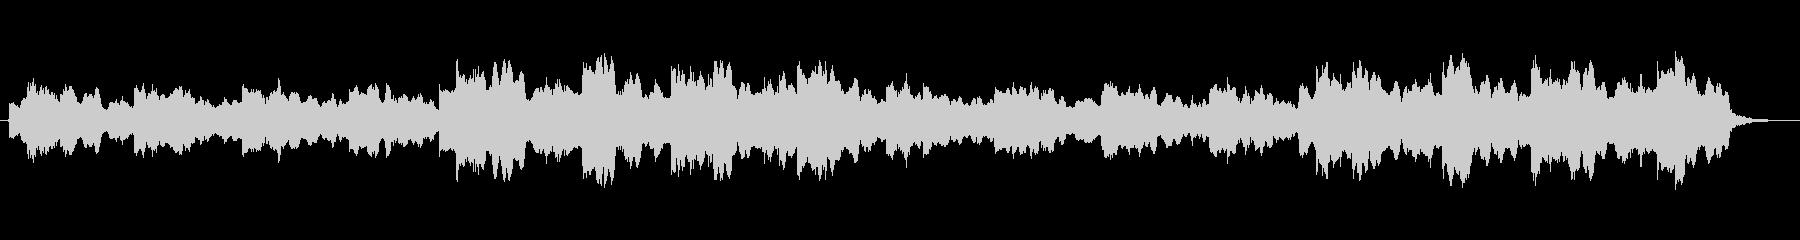 オルガンと鉄琴の暗くて悲しいBGMの未再生の波形